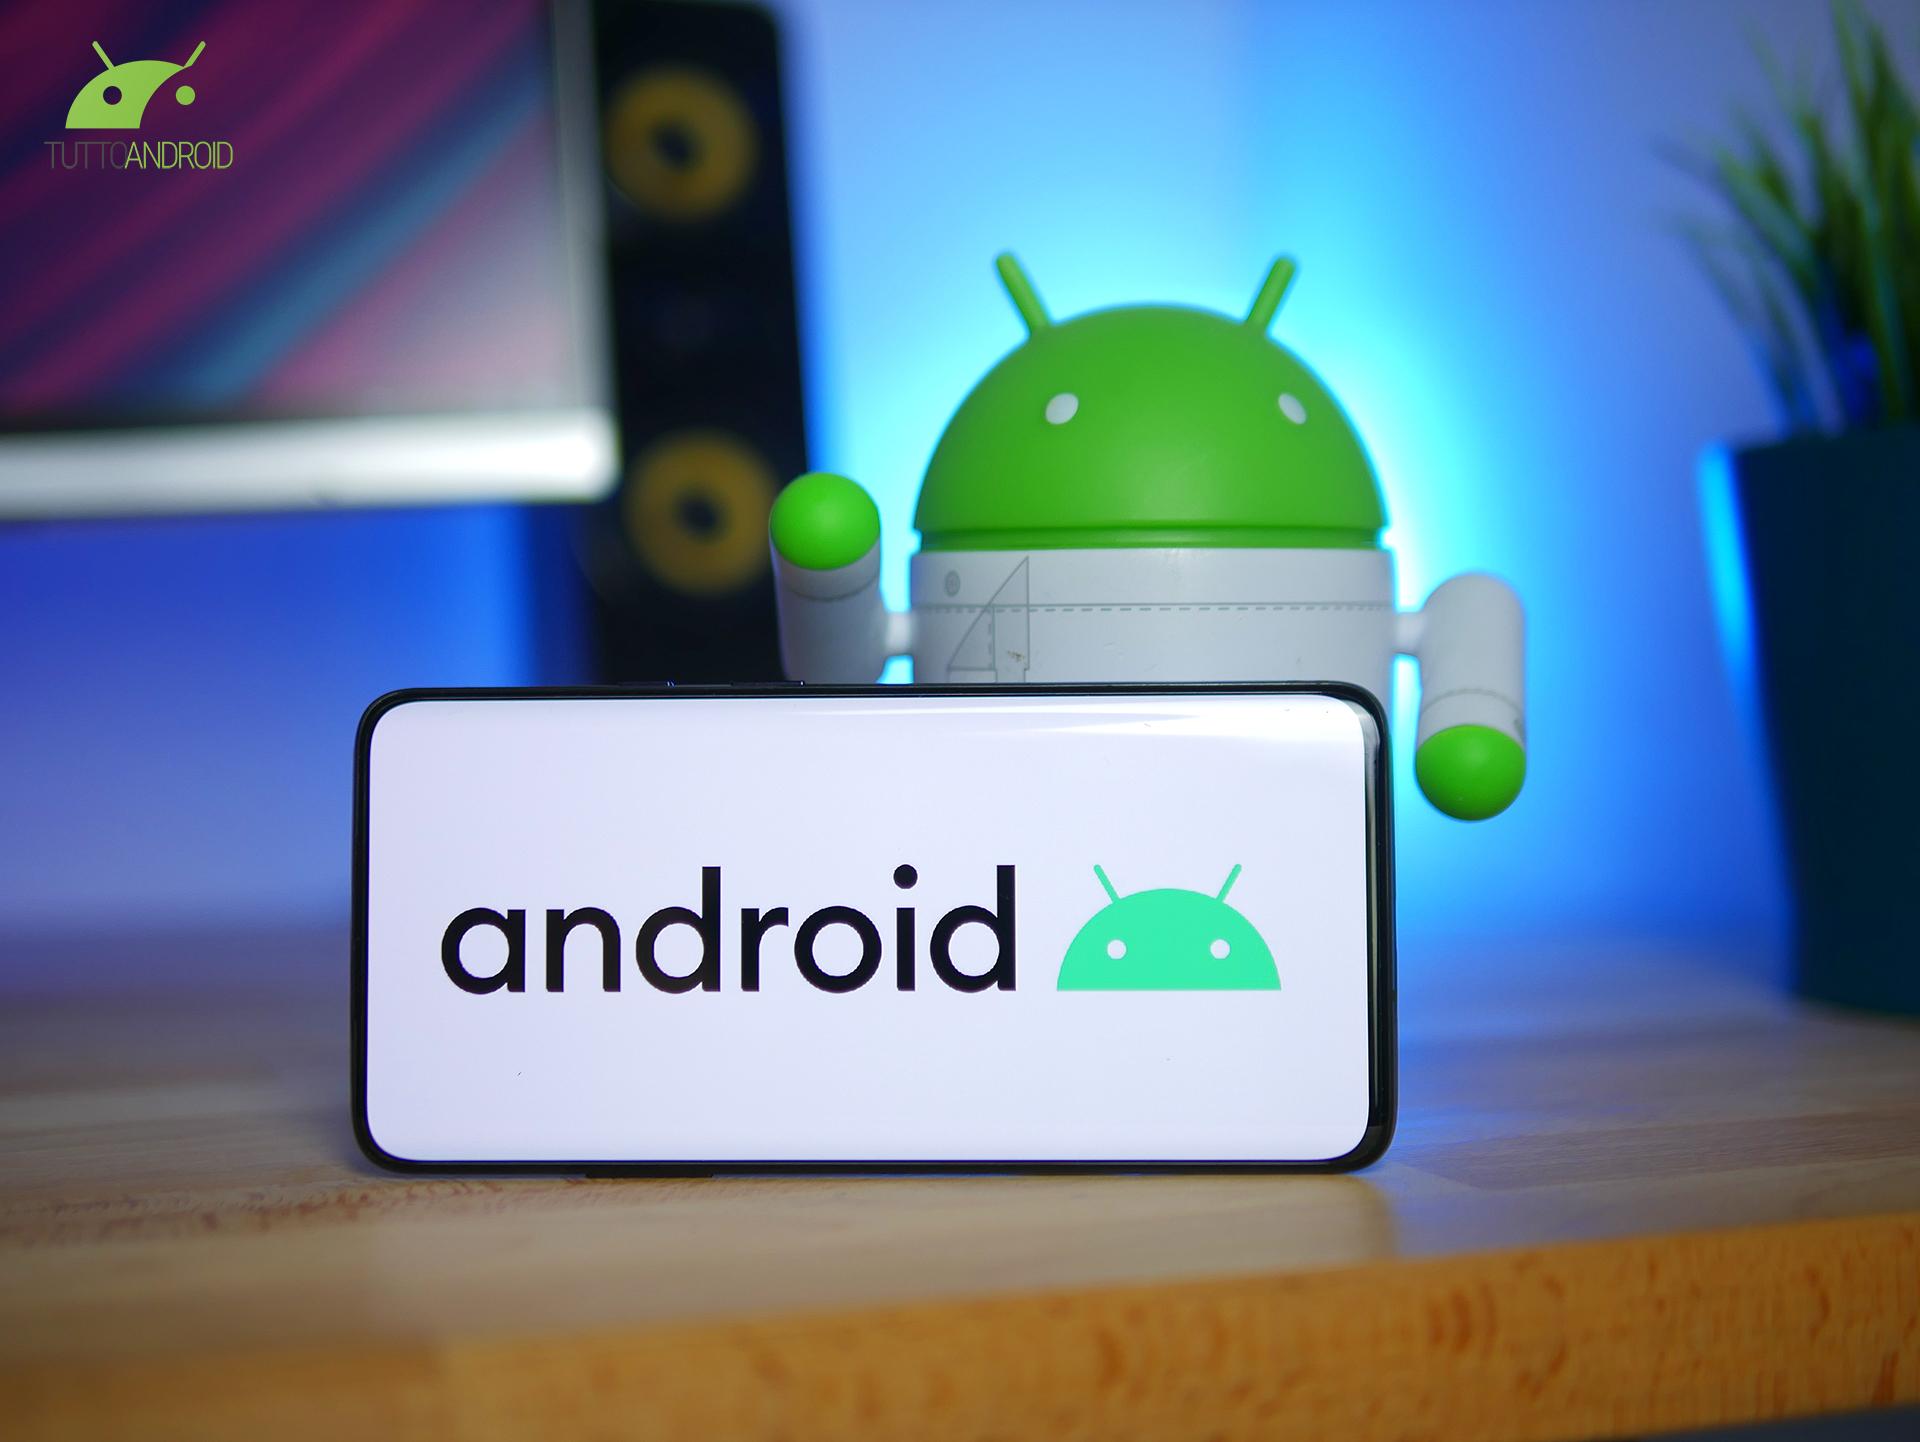 Non usate questo sfondo sul vostro Android, vi blocca lo sma